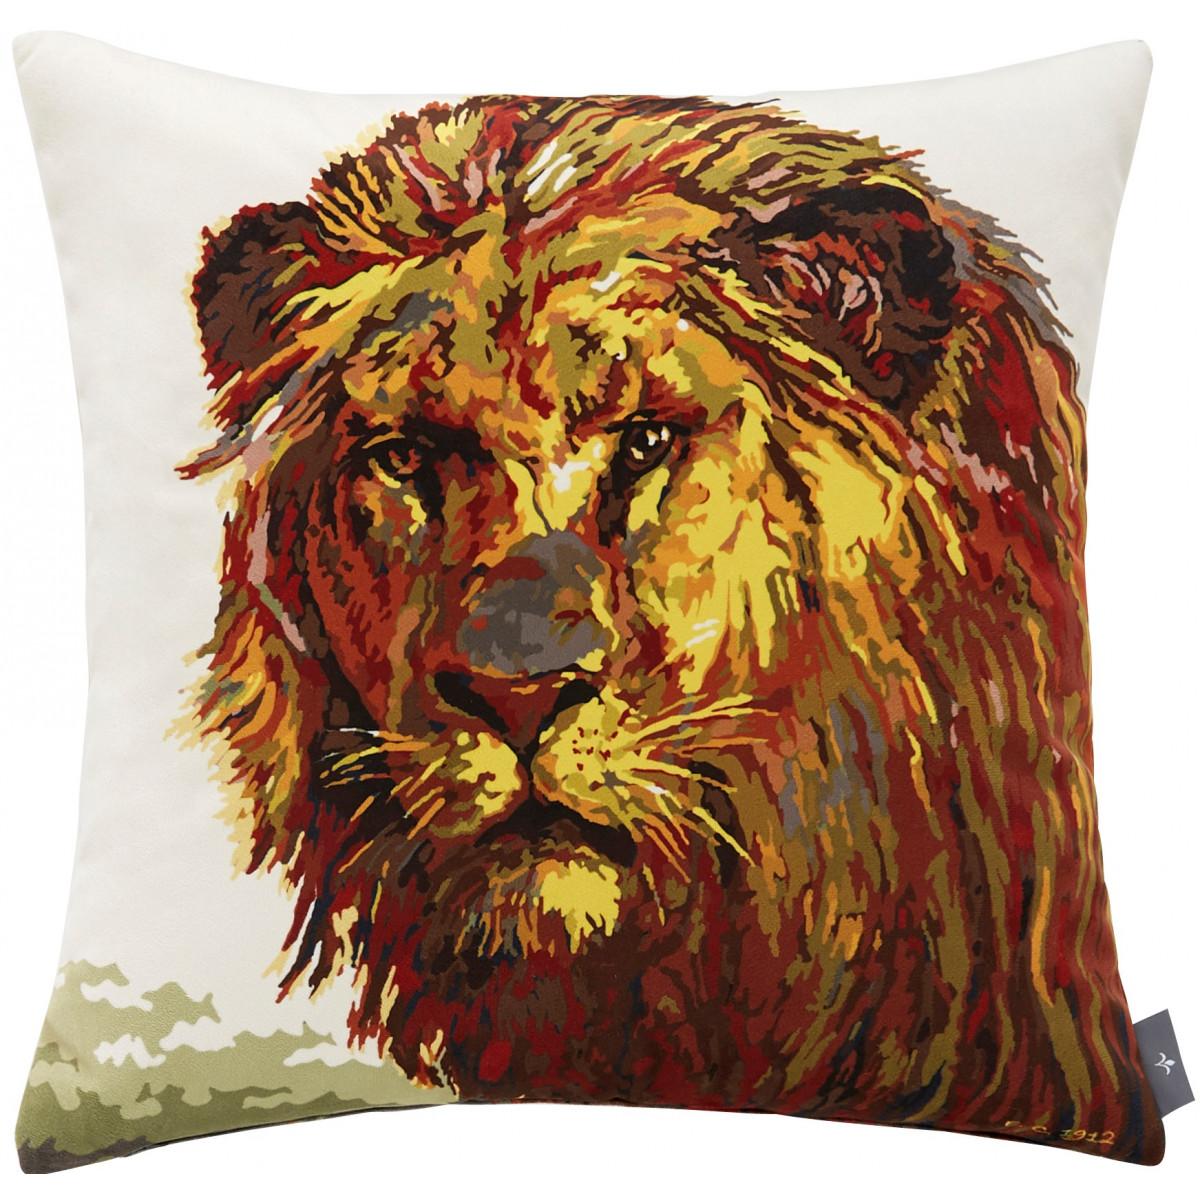 Coussin lion velours Marron 47 x 47